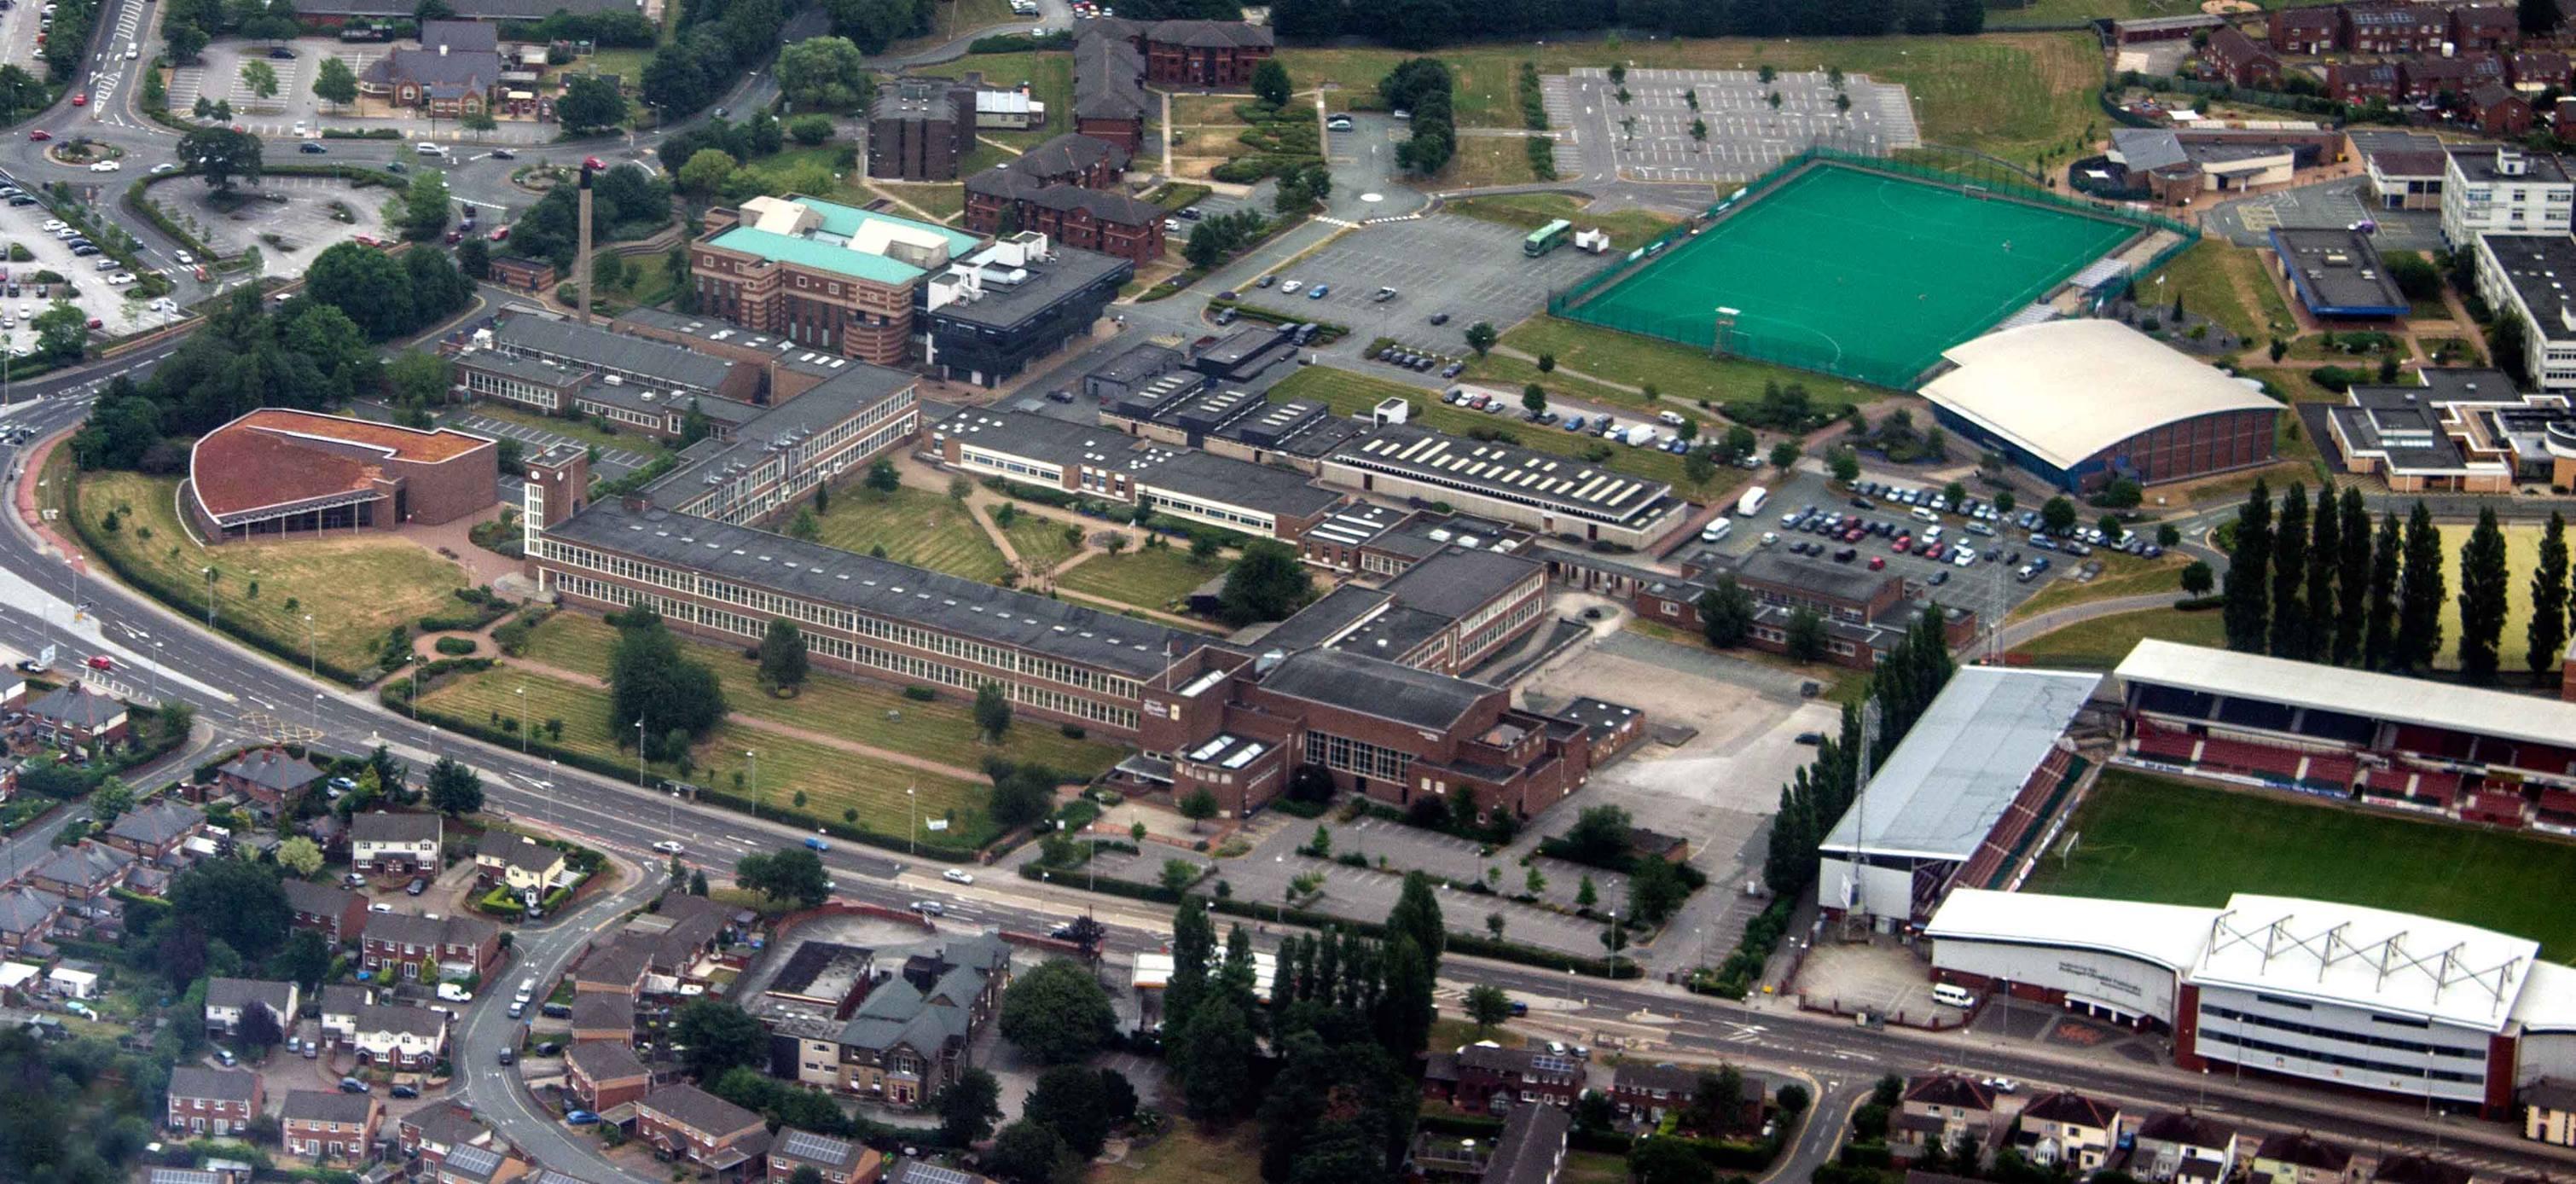 Съемка с воздуха территории университета